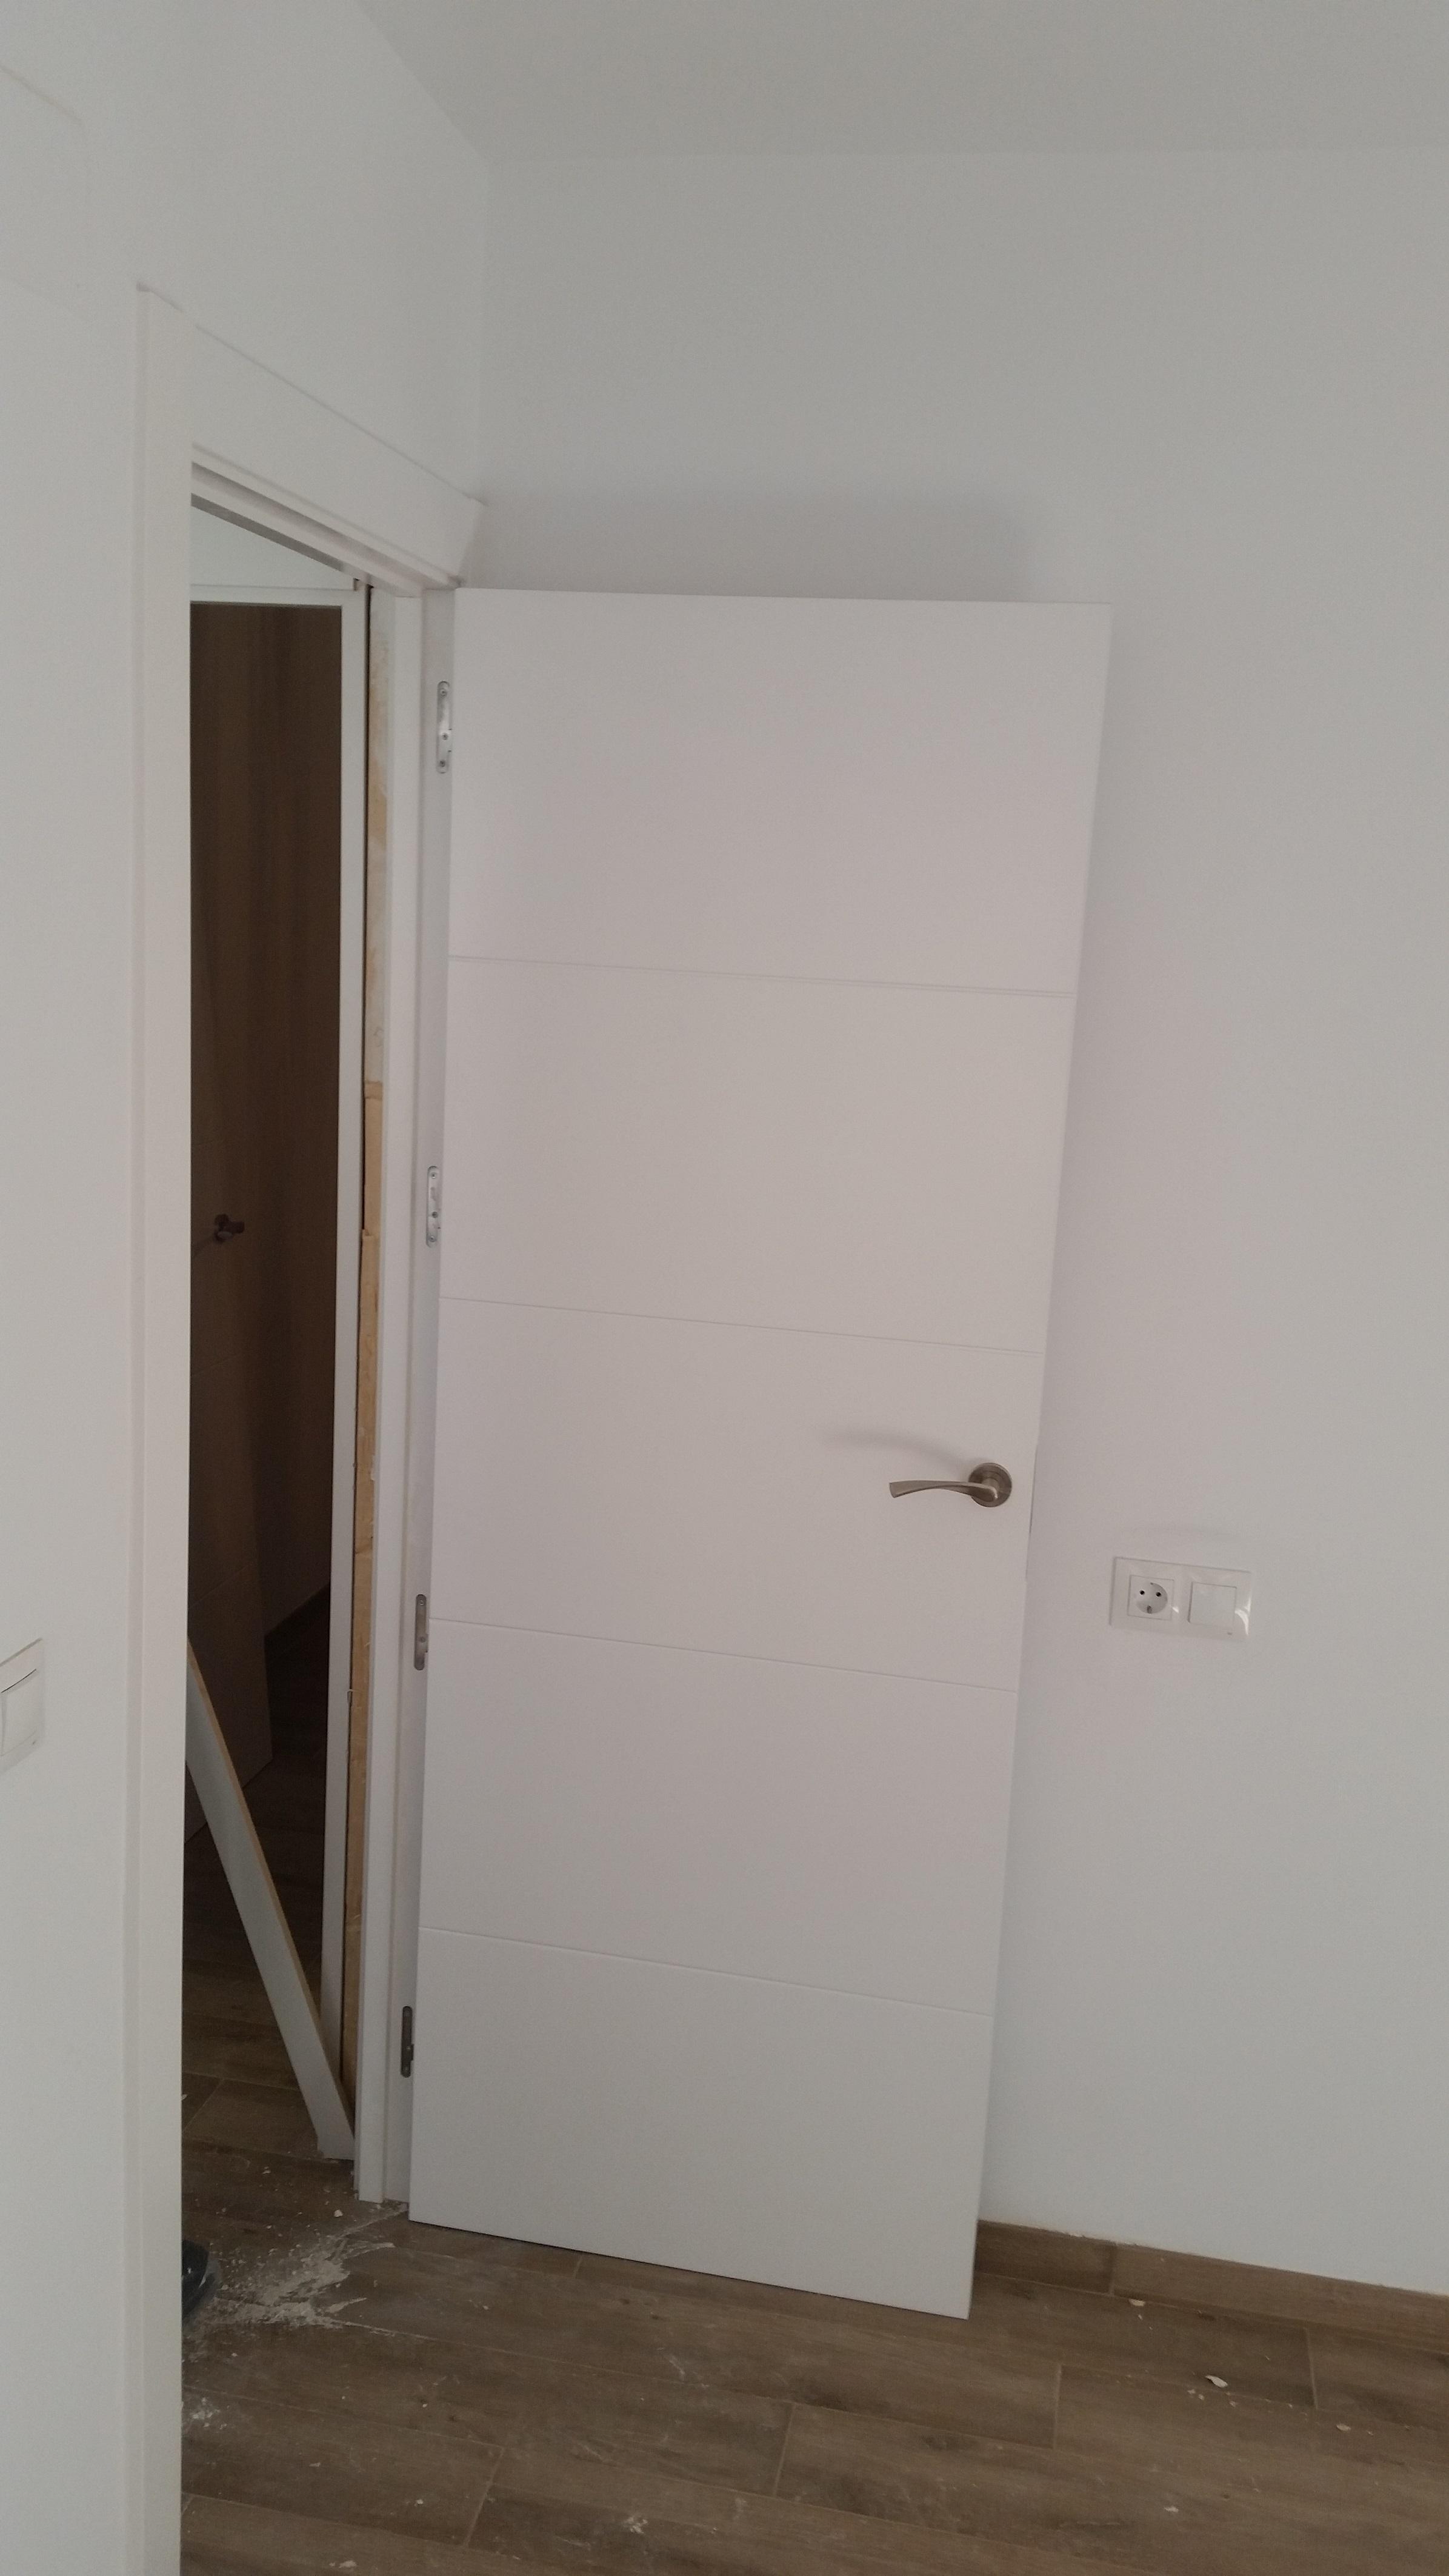 Colocacion de puertas lacadas en blanco economicas - Puertas lacadas en blanco ...